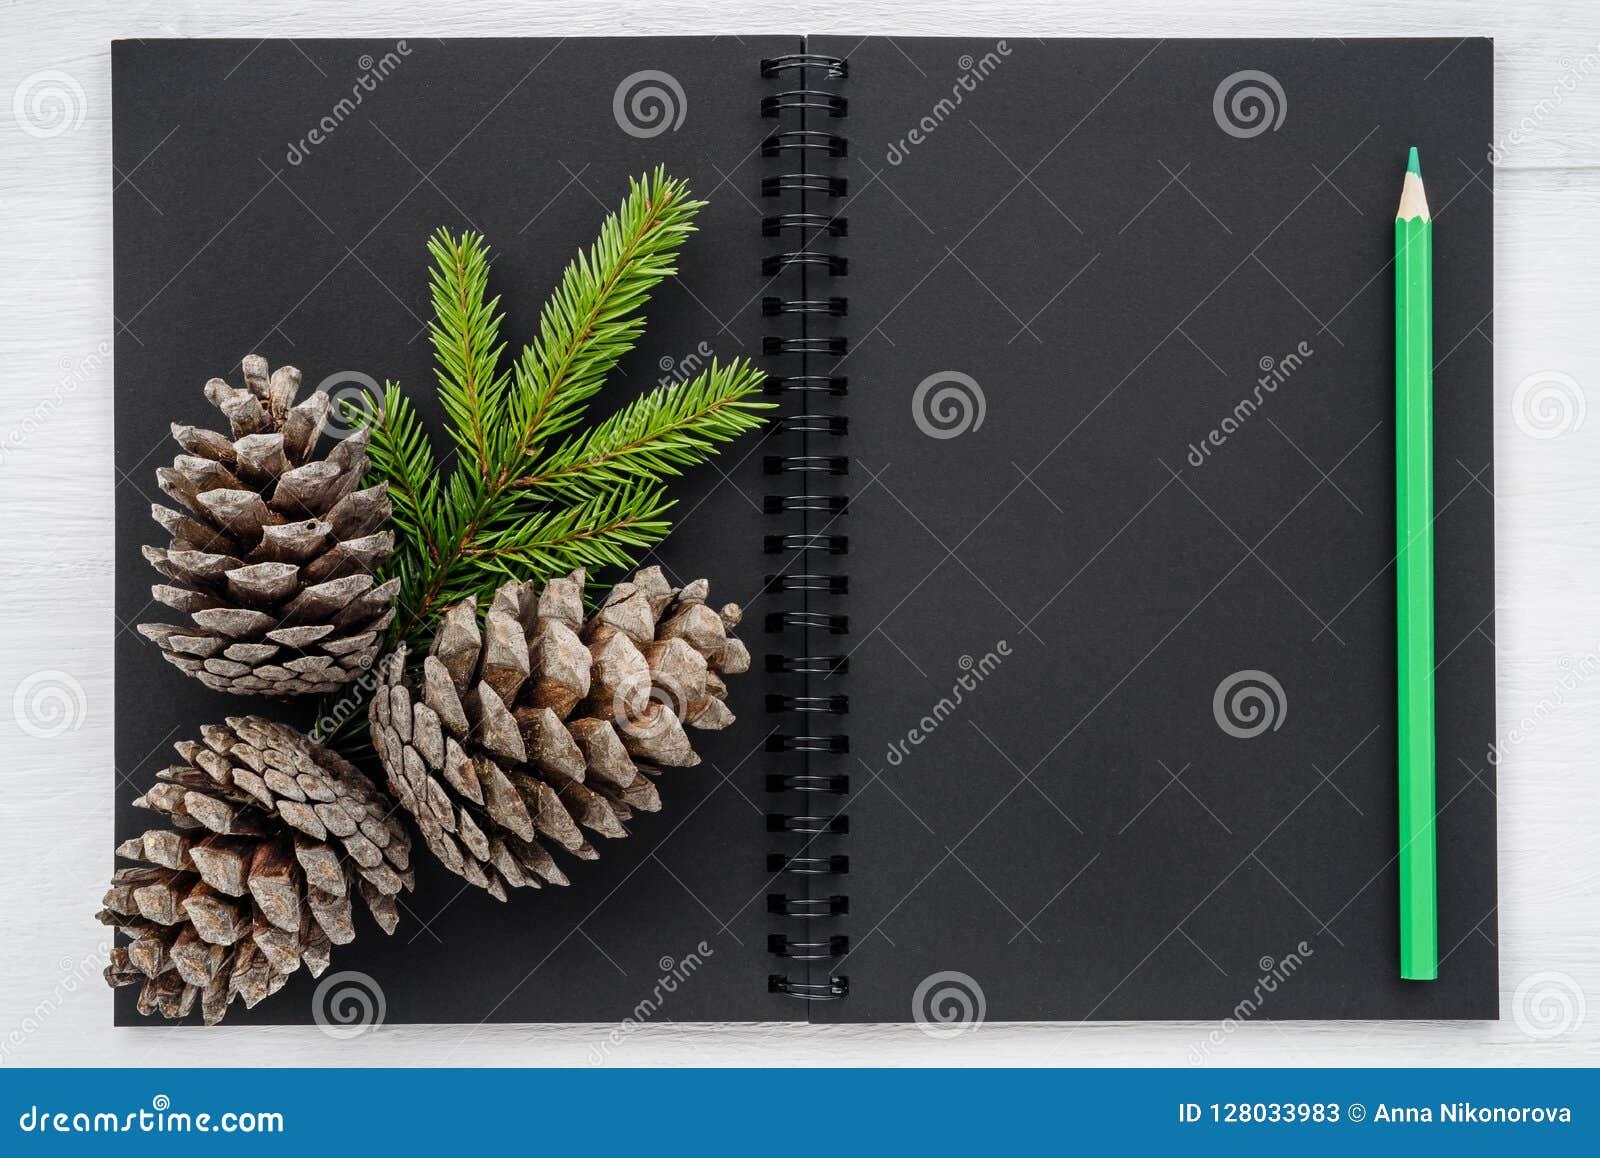 Julbakgrund - anteckningsbok och julpynt